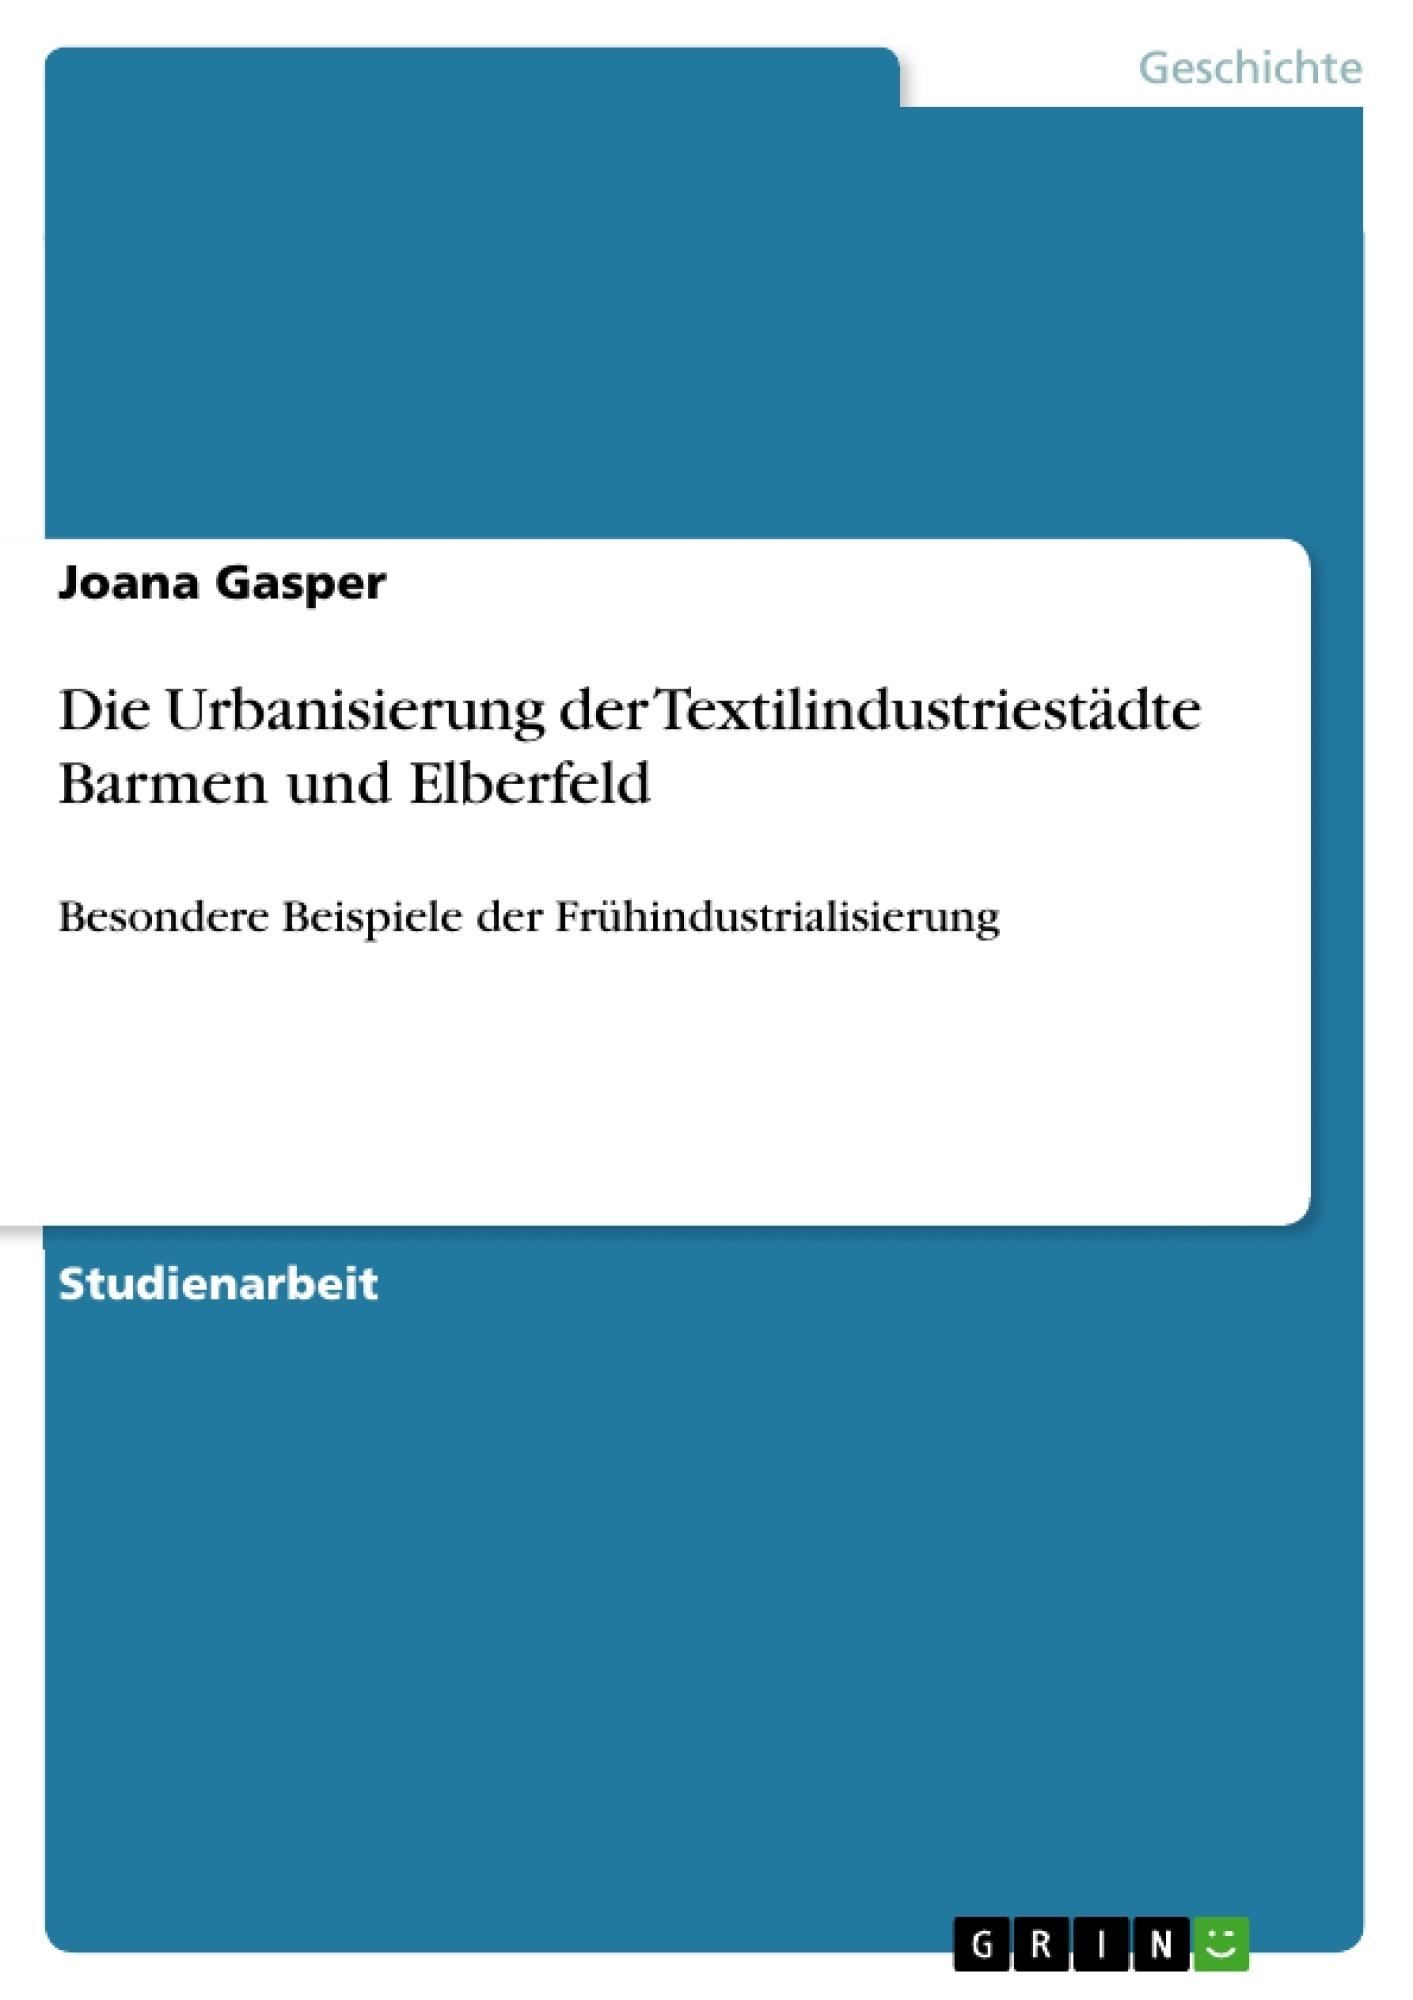 Titel: Die Urbanisierung der Textilindustriestädte Barmen und Elberfeld